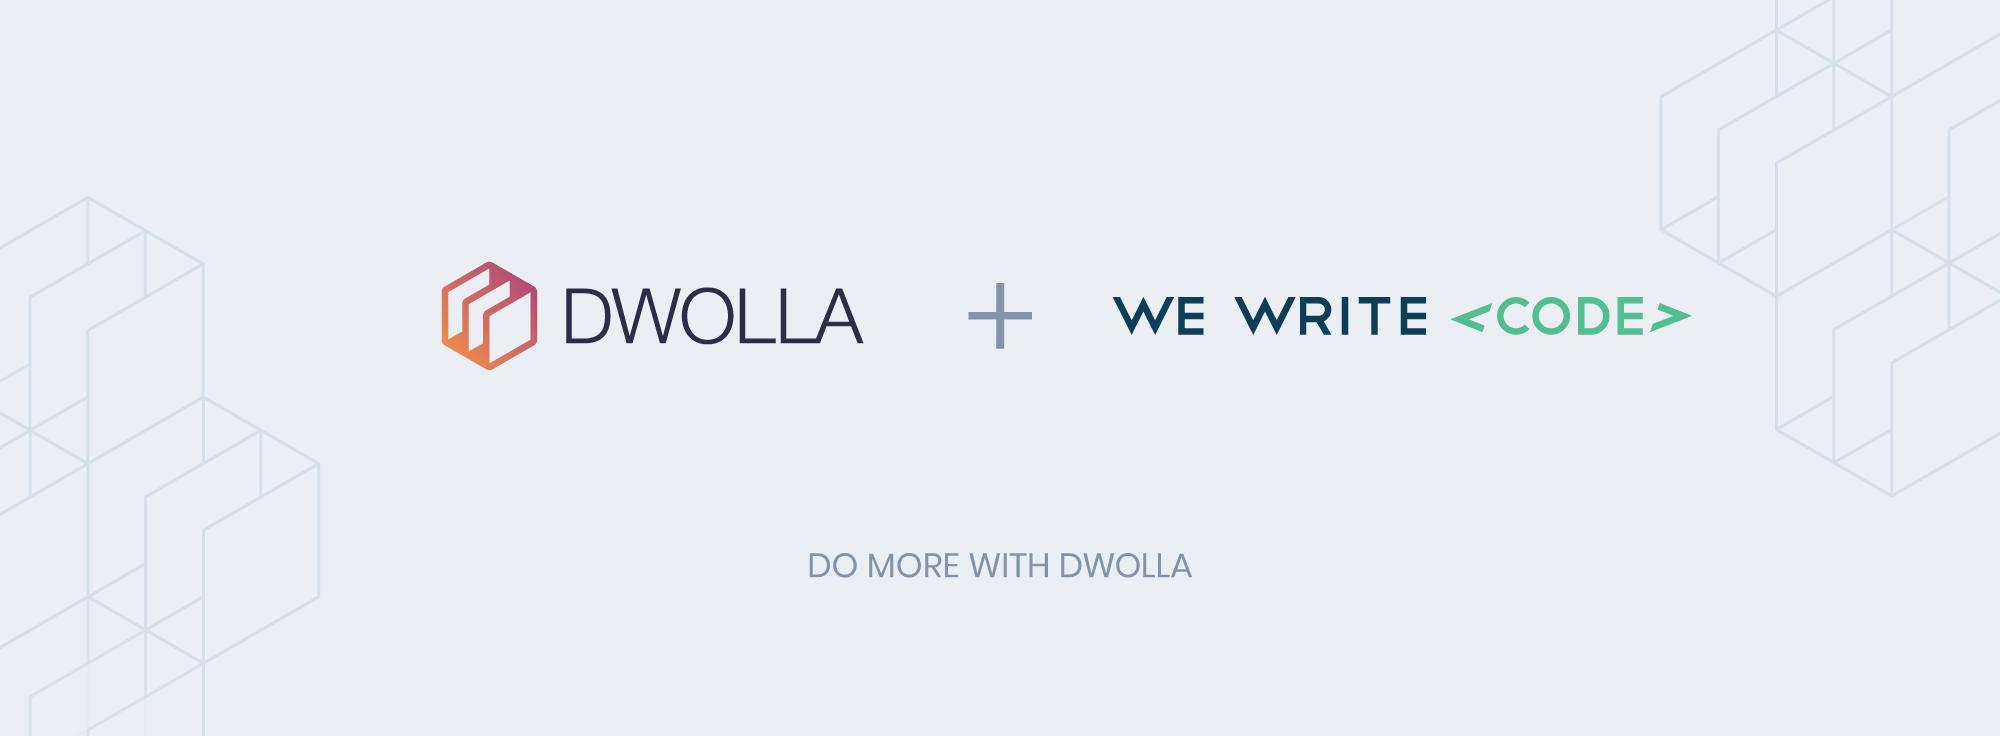 dwolla=we-write-code